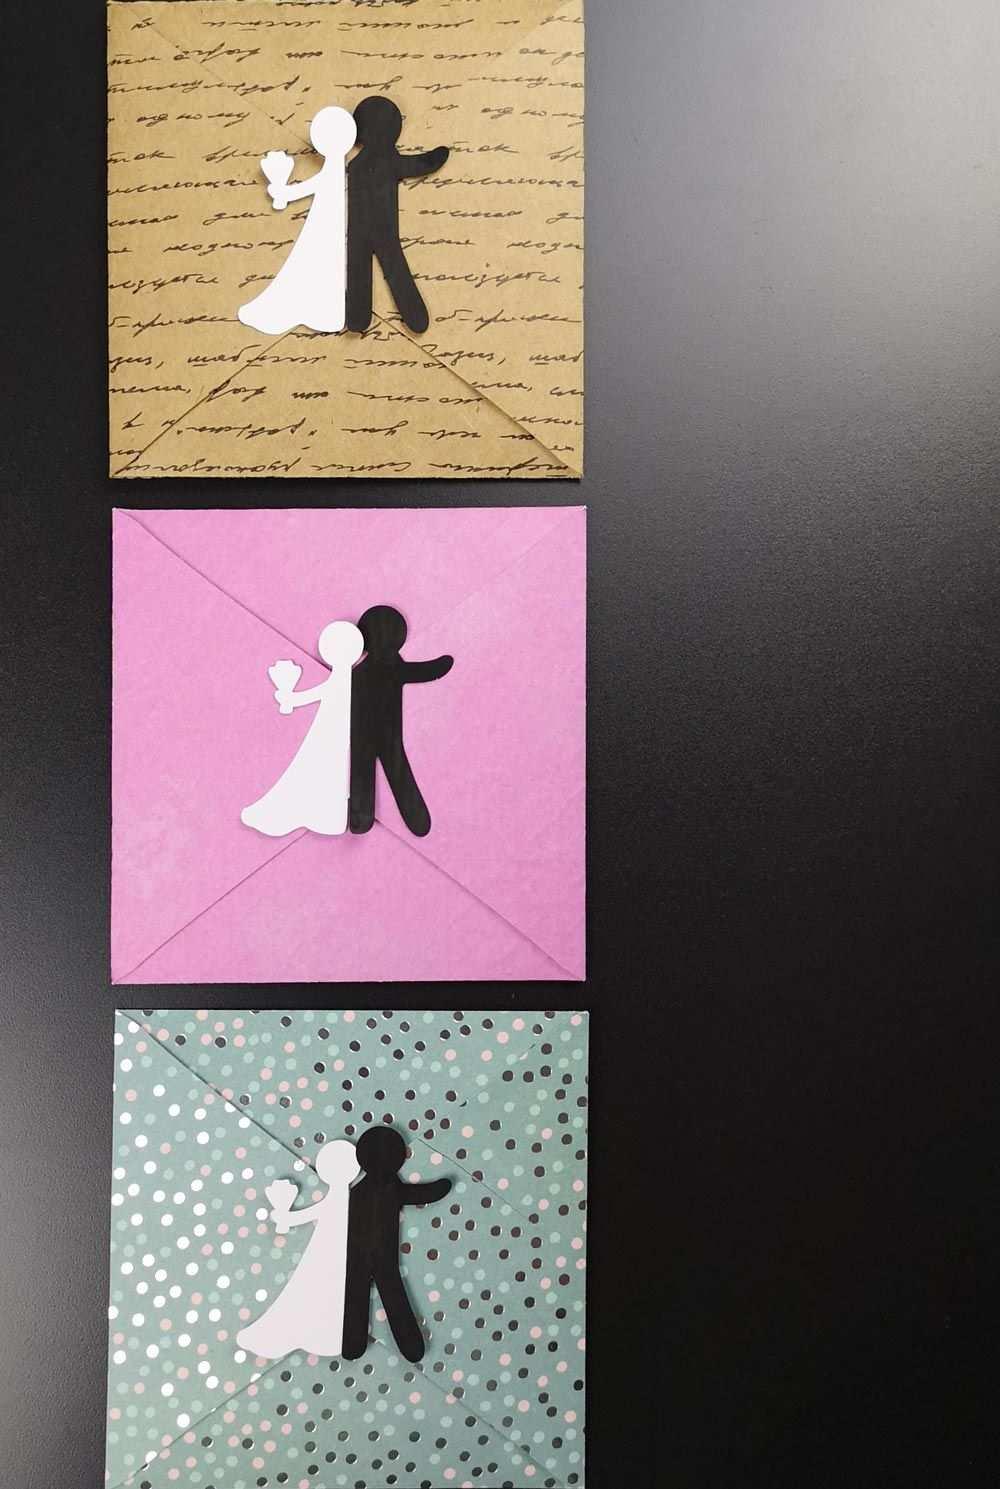 Bastelvorlage Plotterfreebie Fur Hochzeitskarte Mit Brautpaar Gluckwunschkarte Zu Hochzeitskarten Gestalten Gluckwunschkarte Hochzeit Hochzeitskarte Basteln